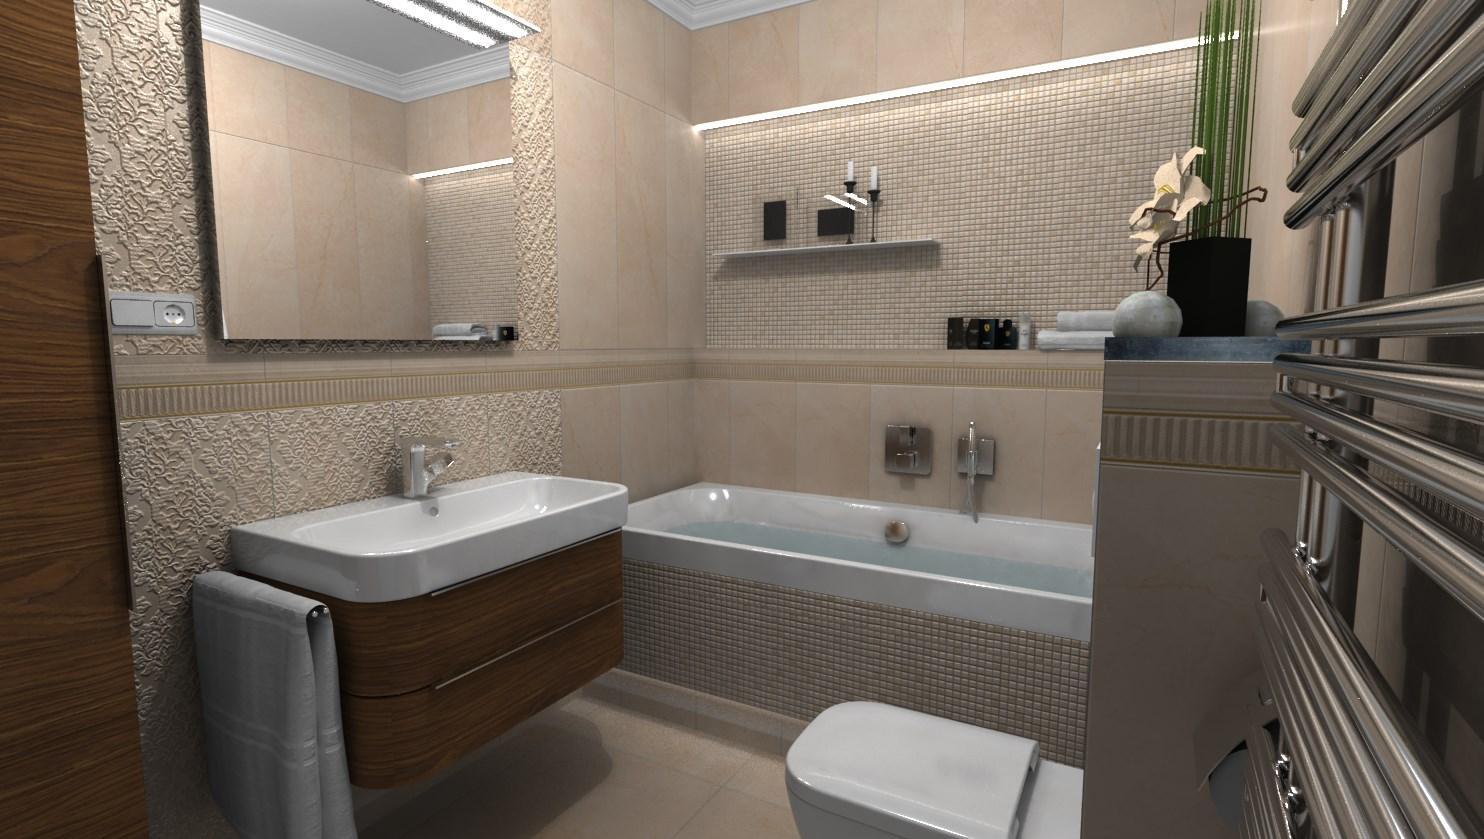 Pohľad do vašej budúcej kúpeľne - Návrh kúpeľne DeLuxe - www.modernekupelne.sk/navrhy-kupelni